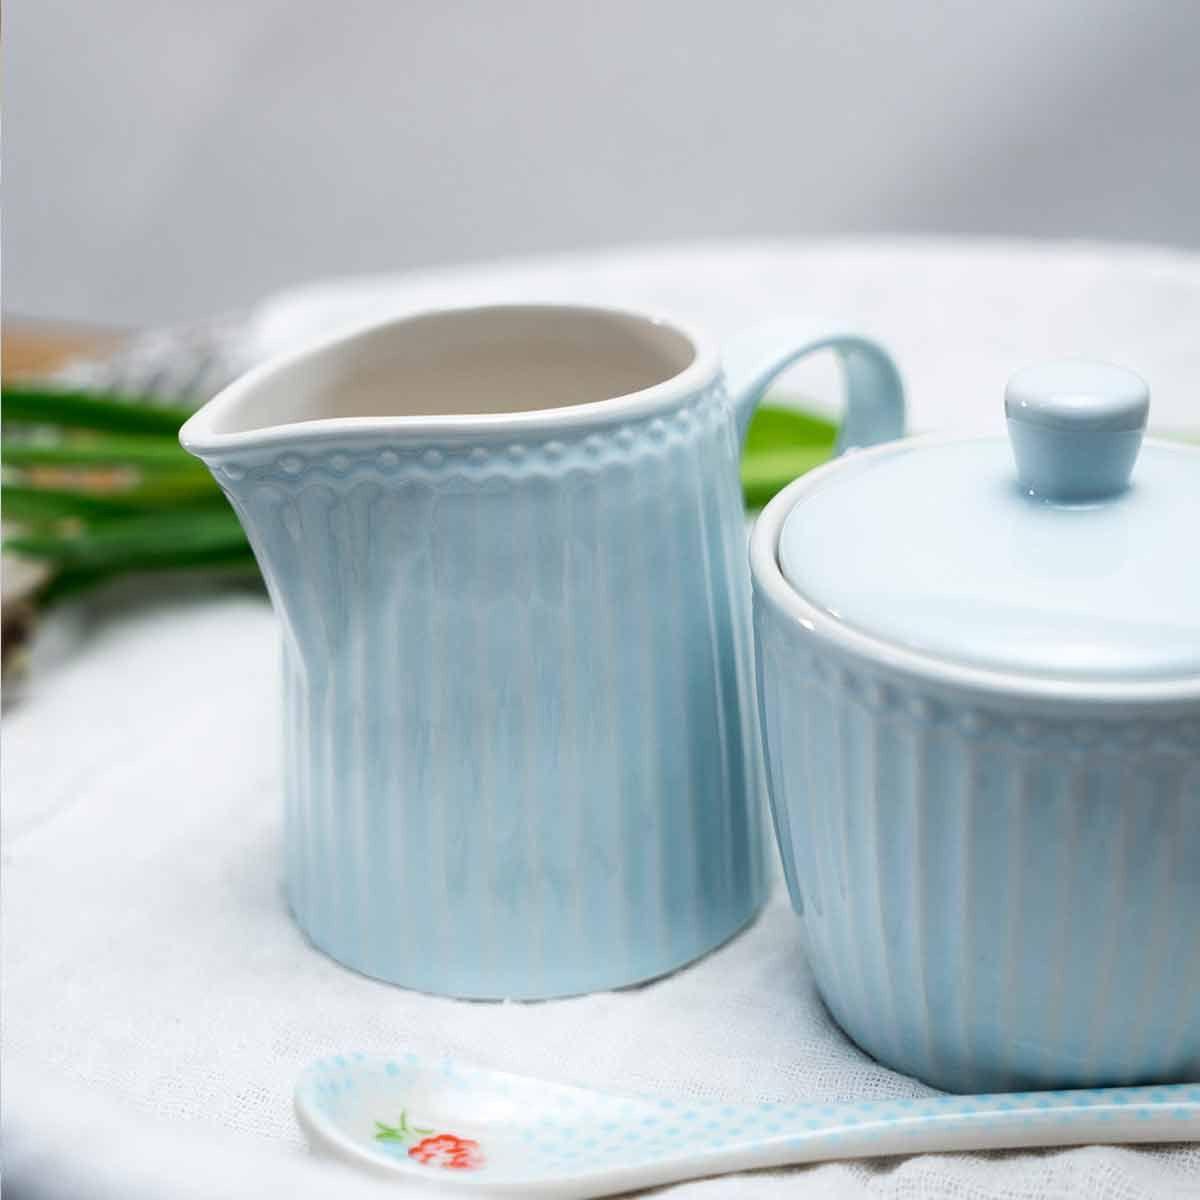 Dänische Lebenslust Mit Diesem Nostalgischen Milchkännchen Alice Pale Blue Verschönerst Du Deinen Alltag Milchkännchen Greeng Milchkanne Wohntrends Keramik